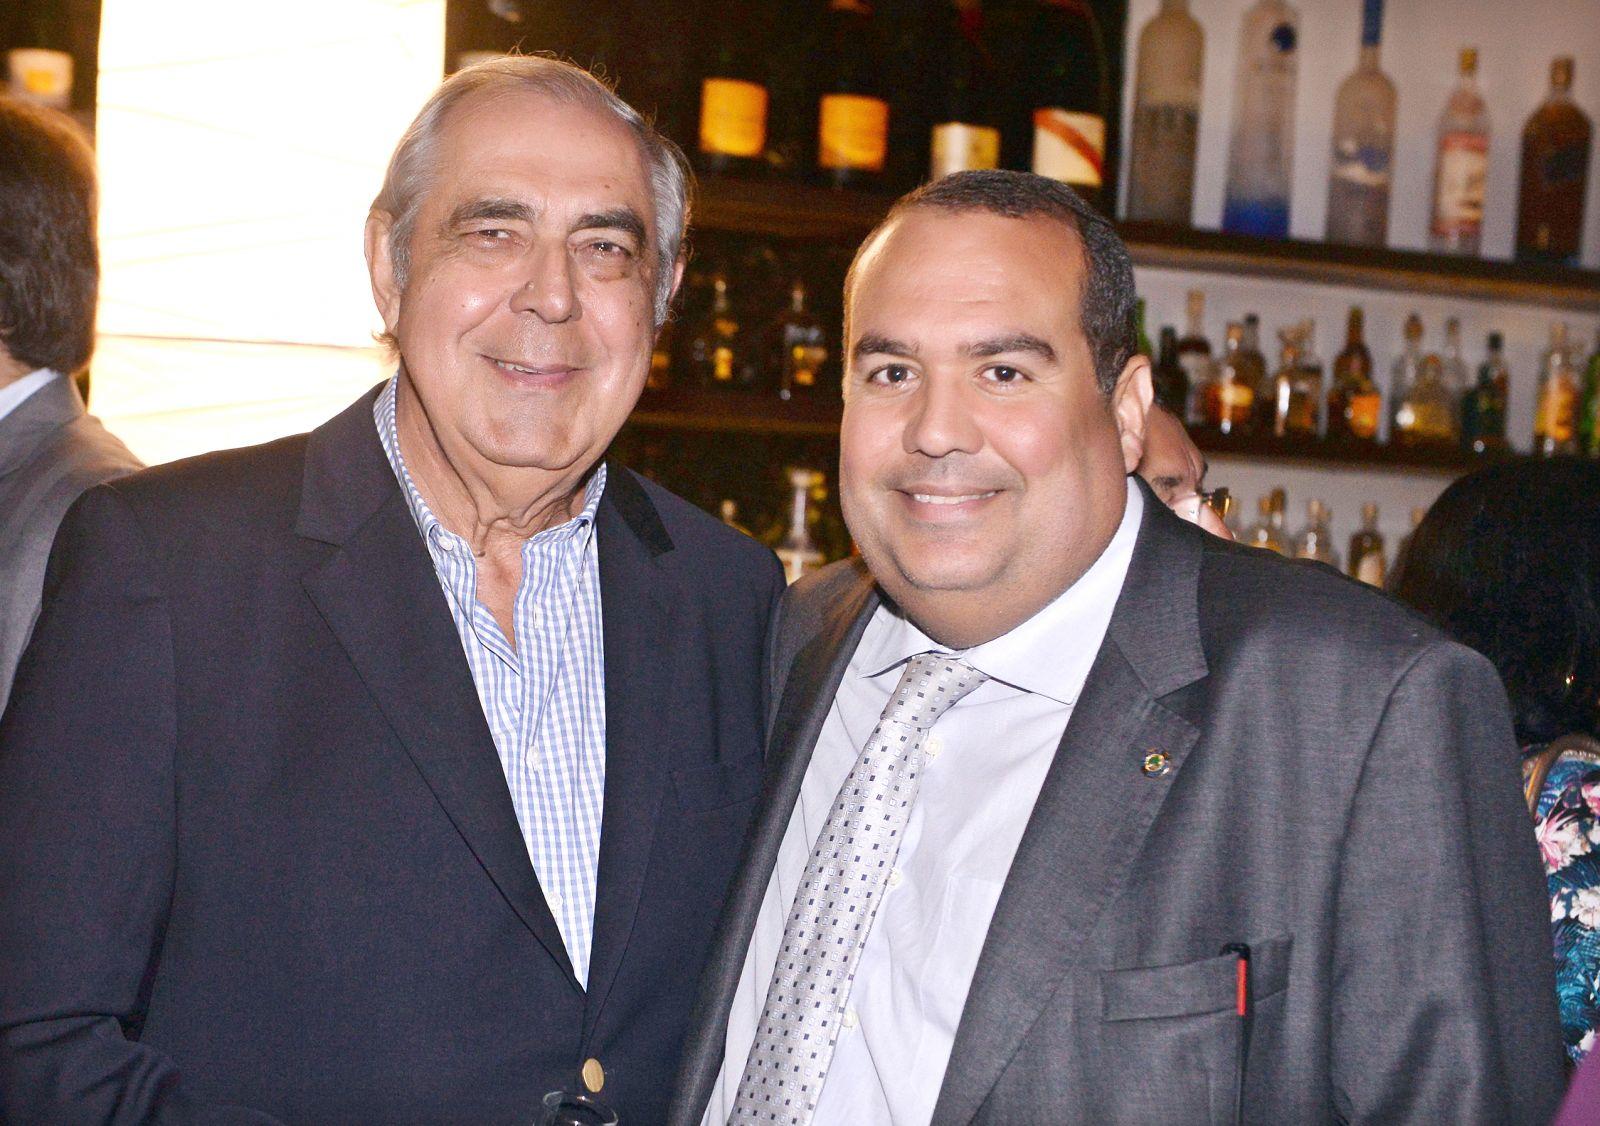 O deputado Leur Lomanto Jr, é o aniversariante de hoje 28 de outubro, na foto Leur pai está com o deputado Sandro Reis